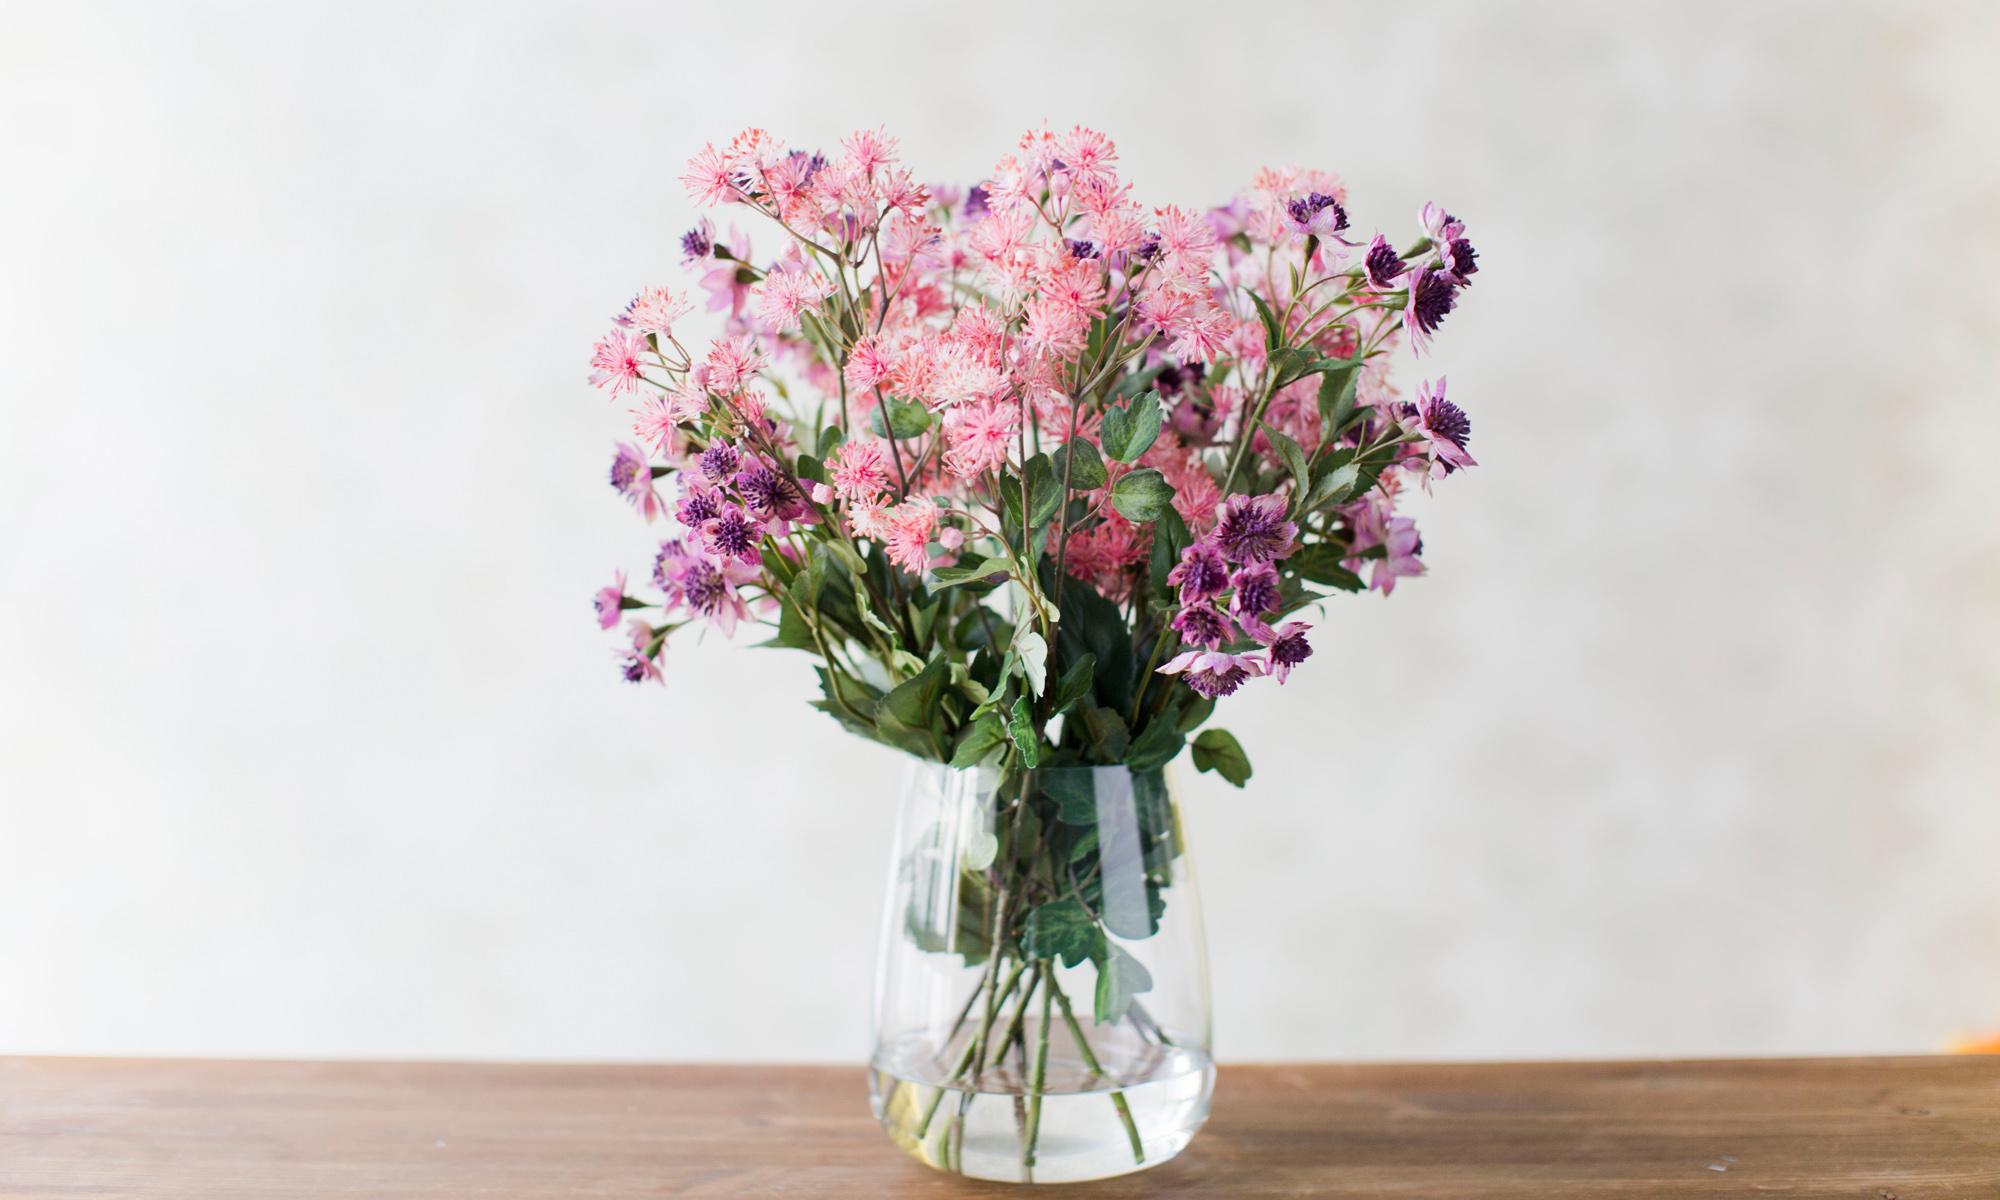 Купить Композиция из искусственных цветов - астранция и мединилла, inmyroom, Россия